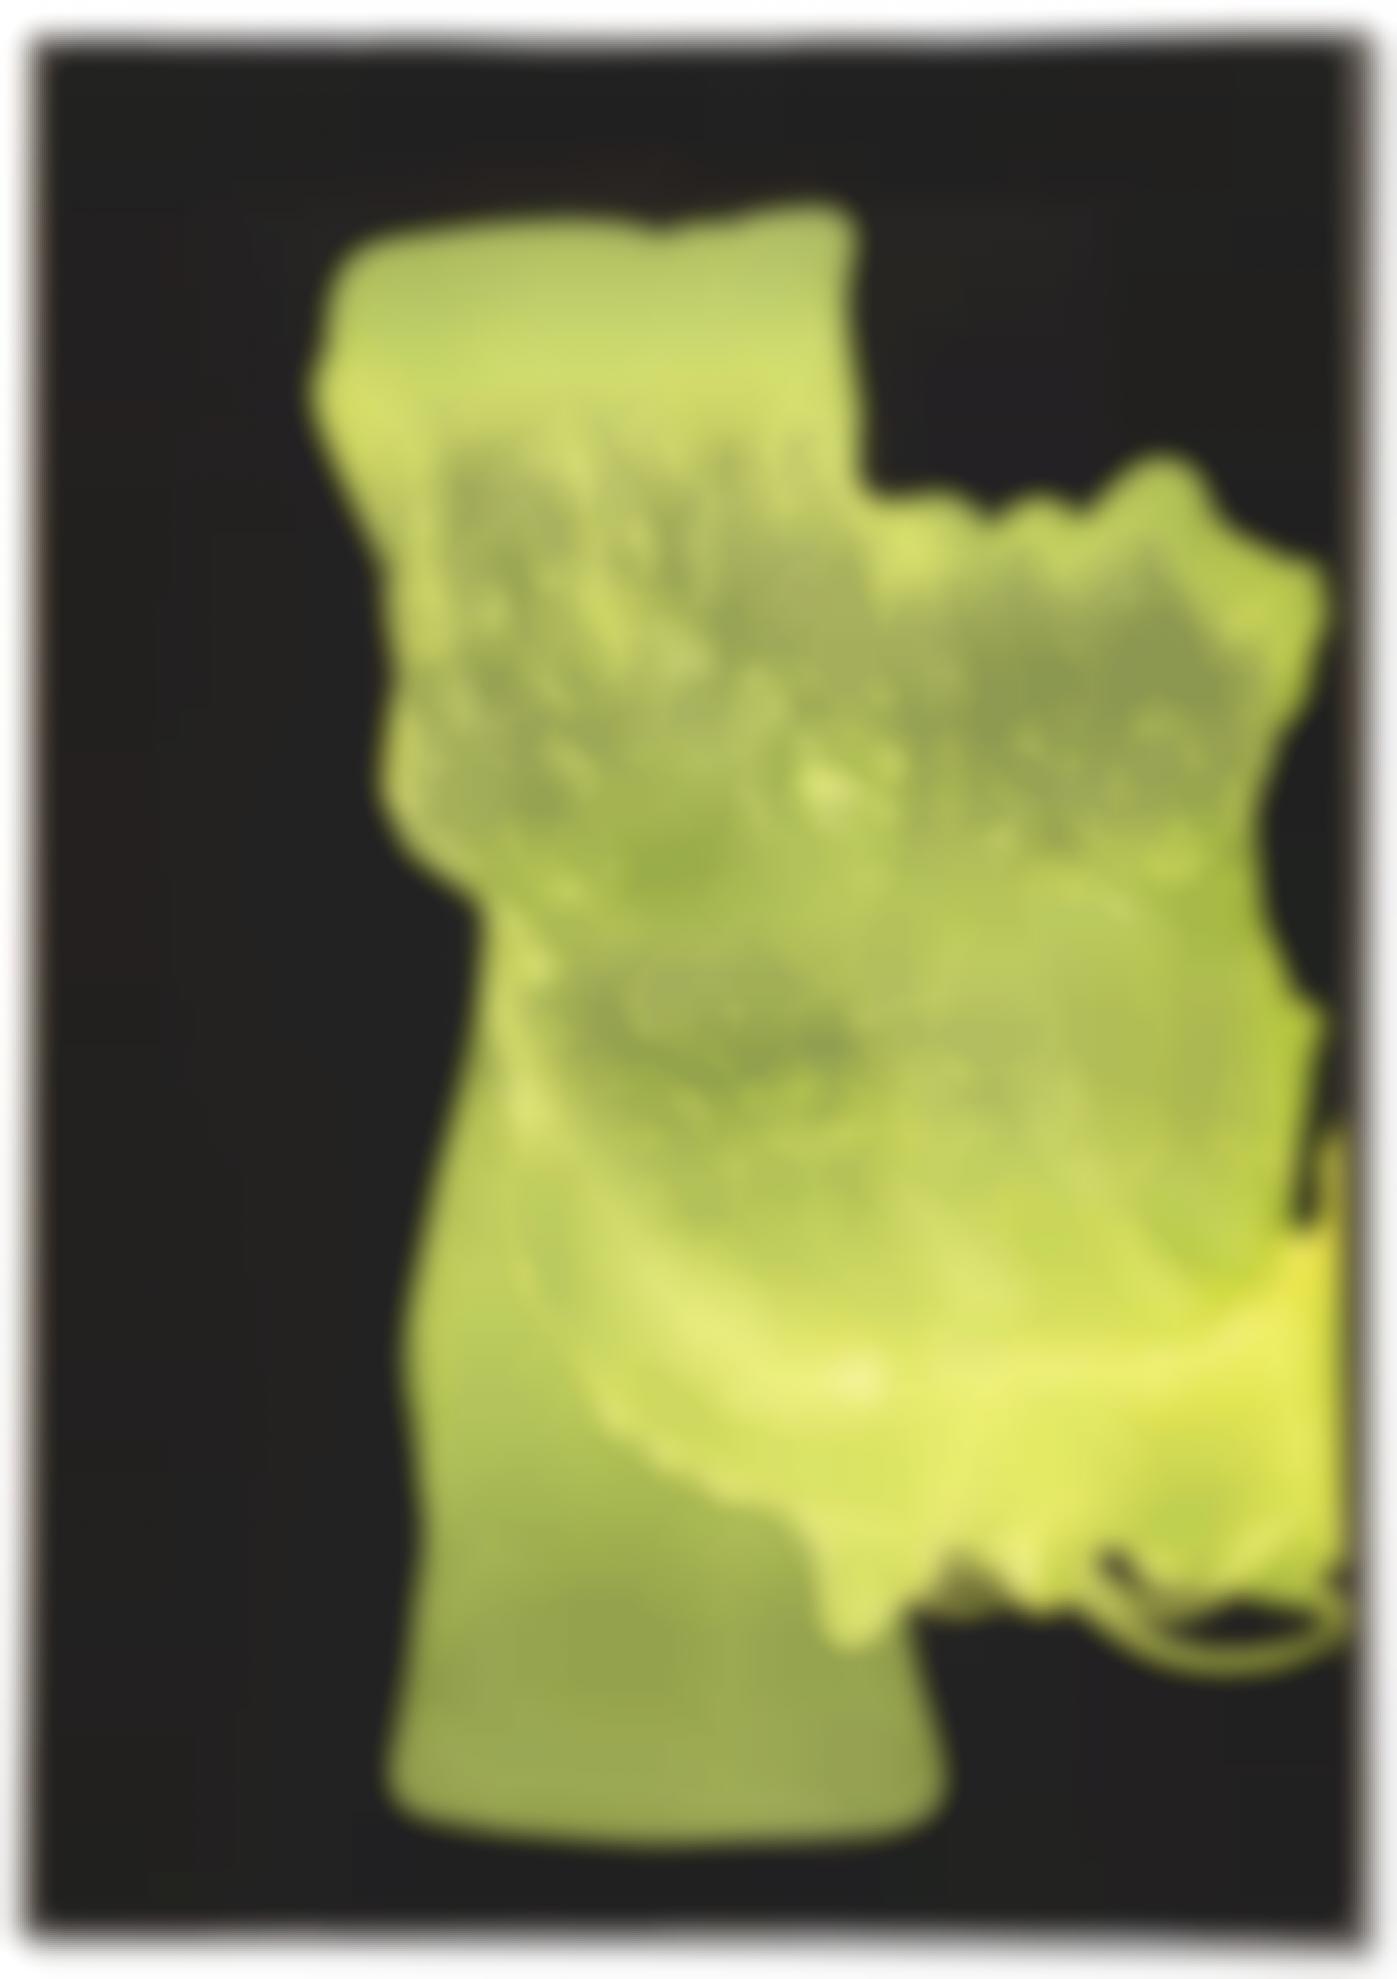 Sigmar Polke-Untitled-2000